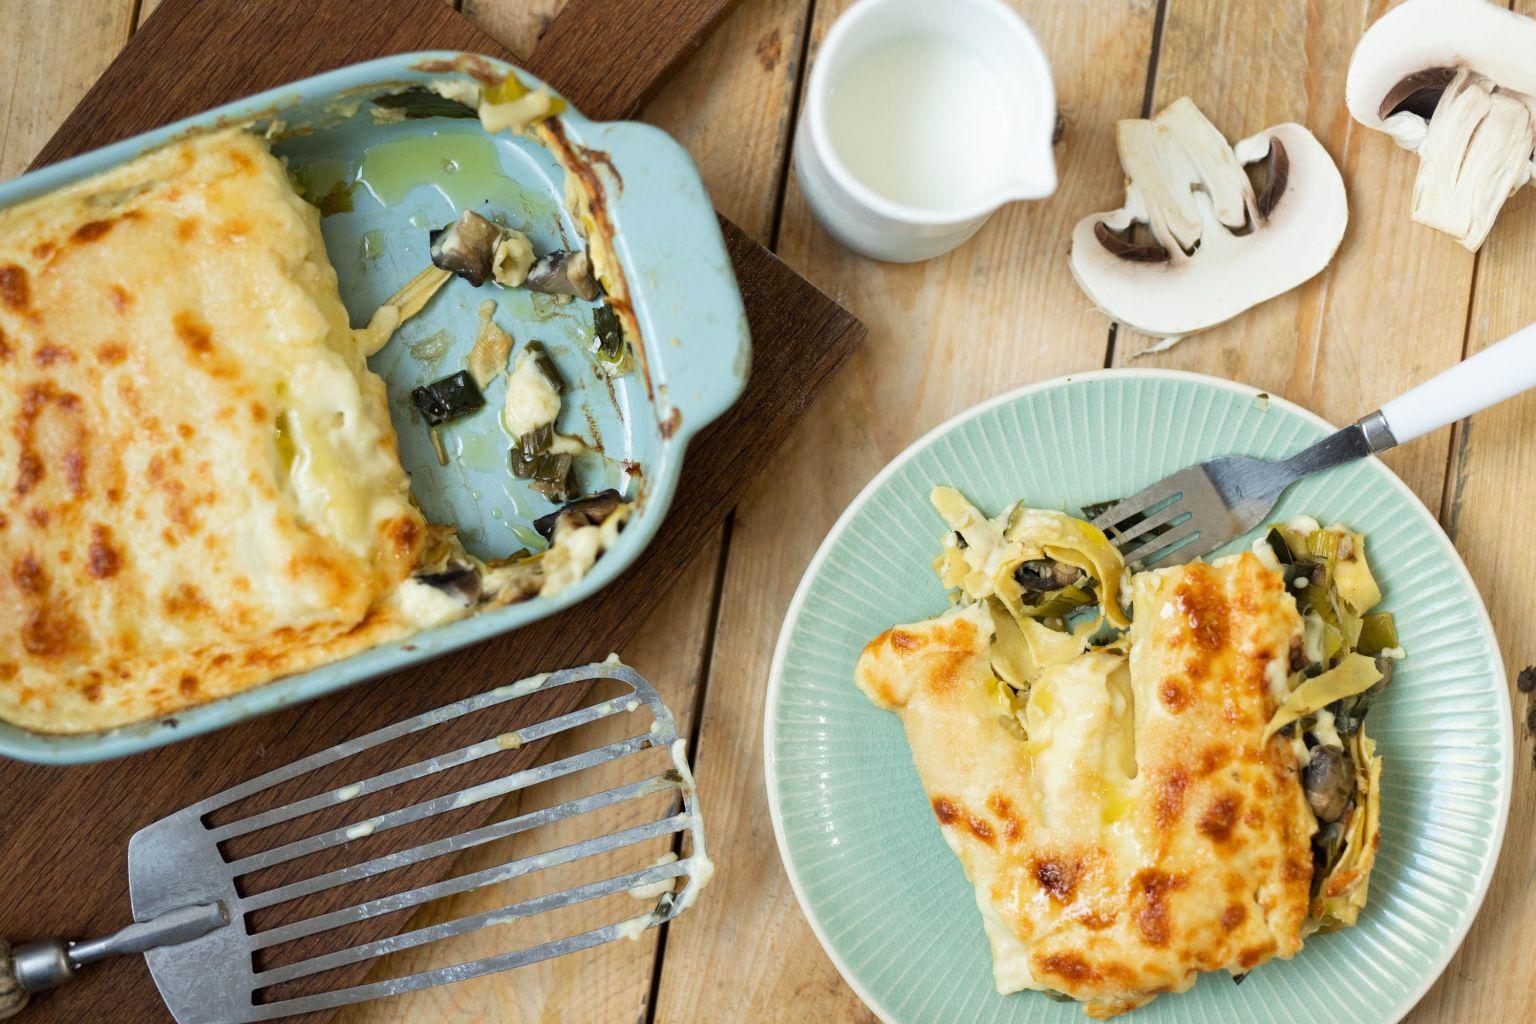 Cannelloni aux champignons Portobello et poireaux